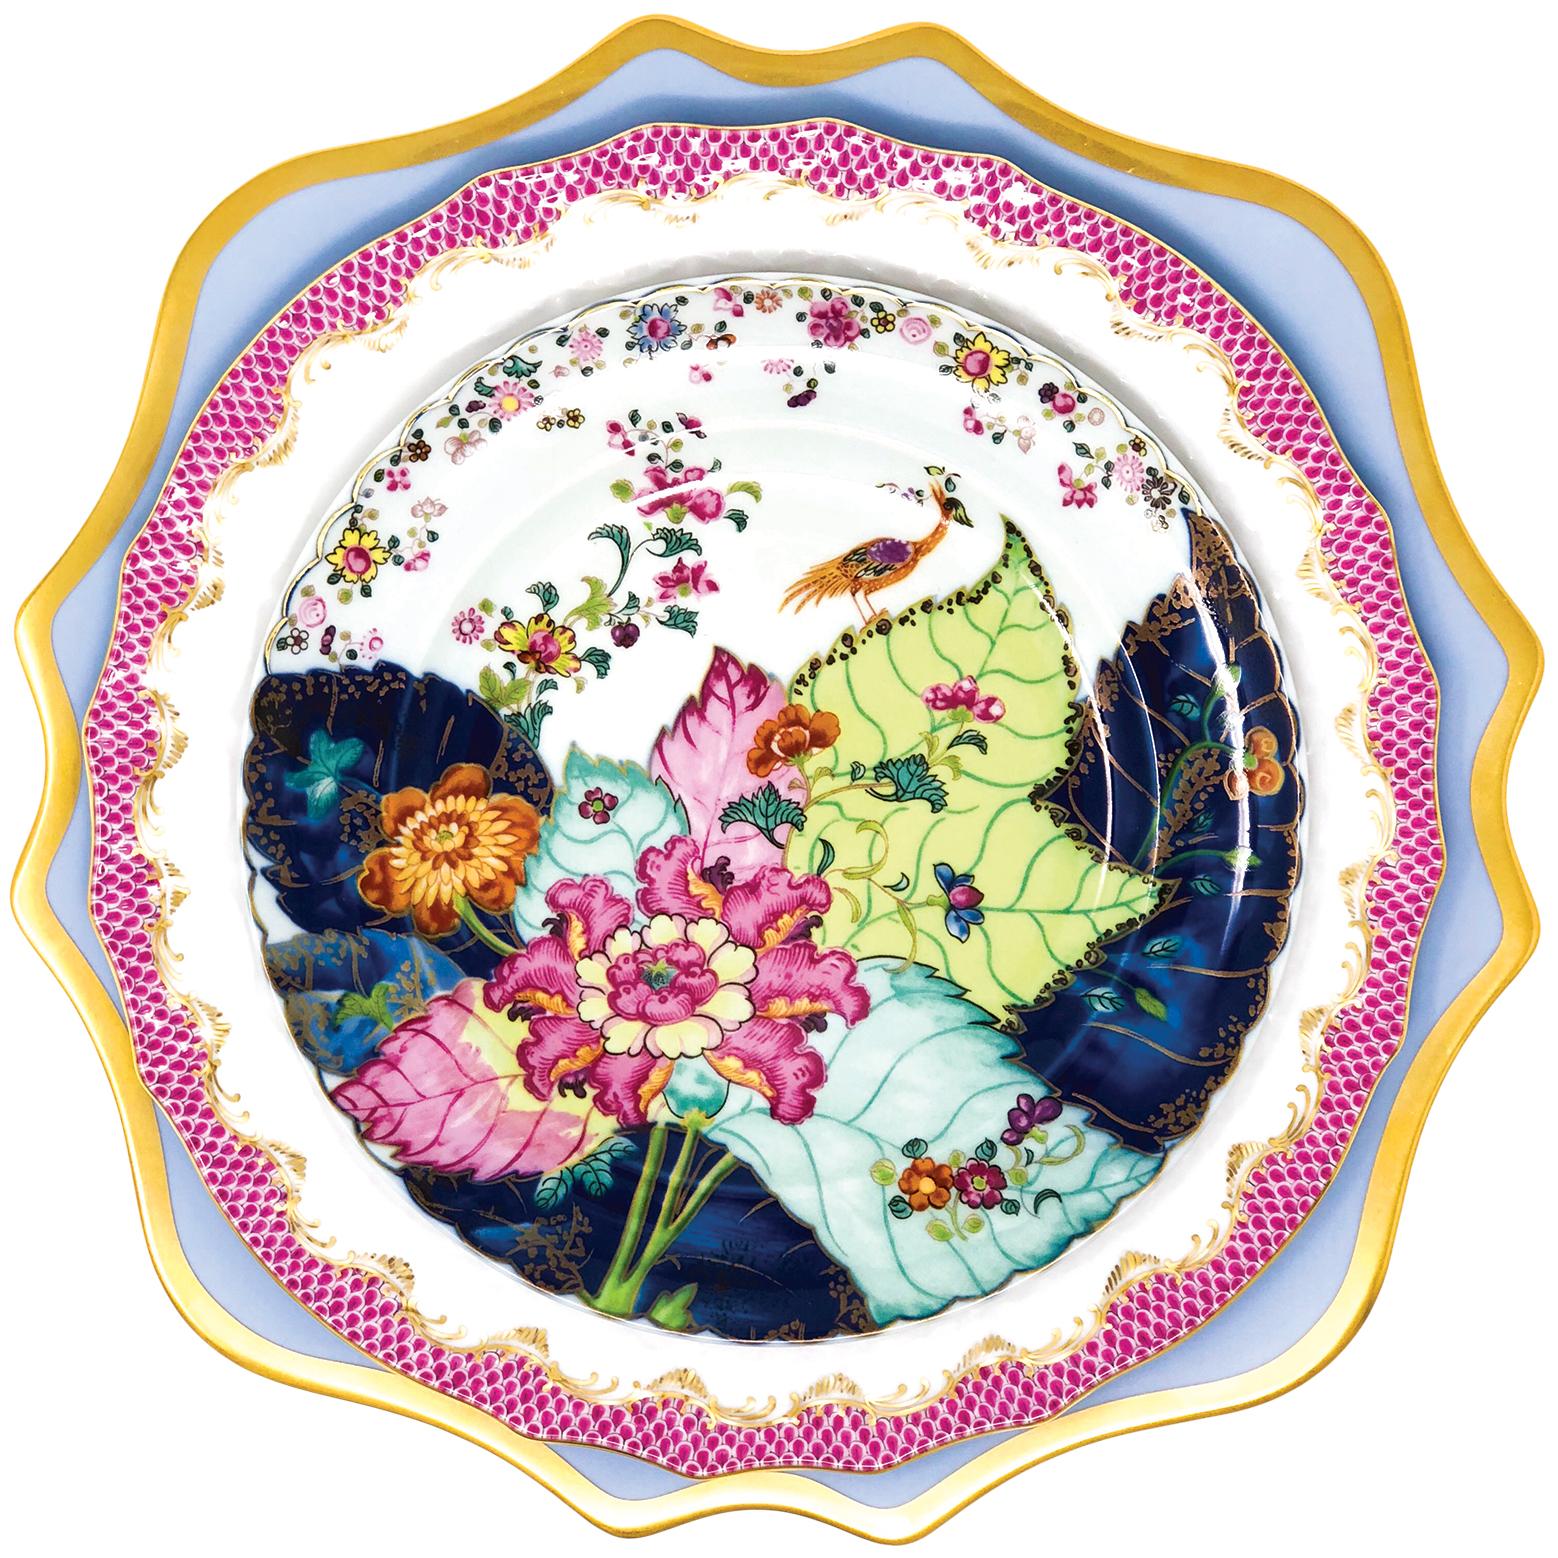 Plates_Image002_sized.jpg